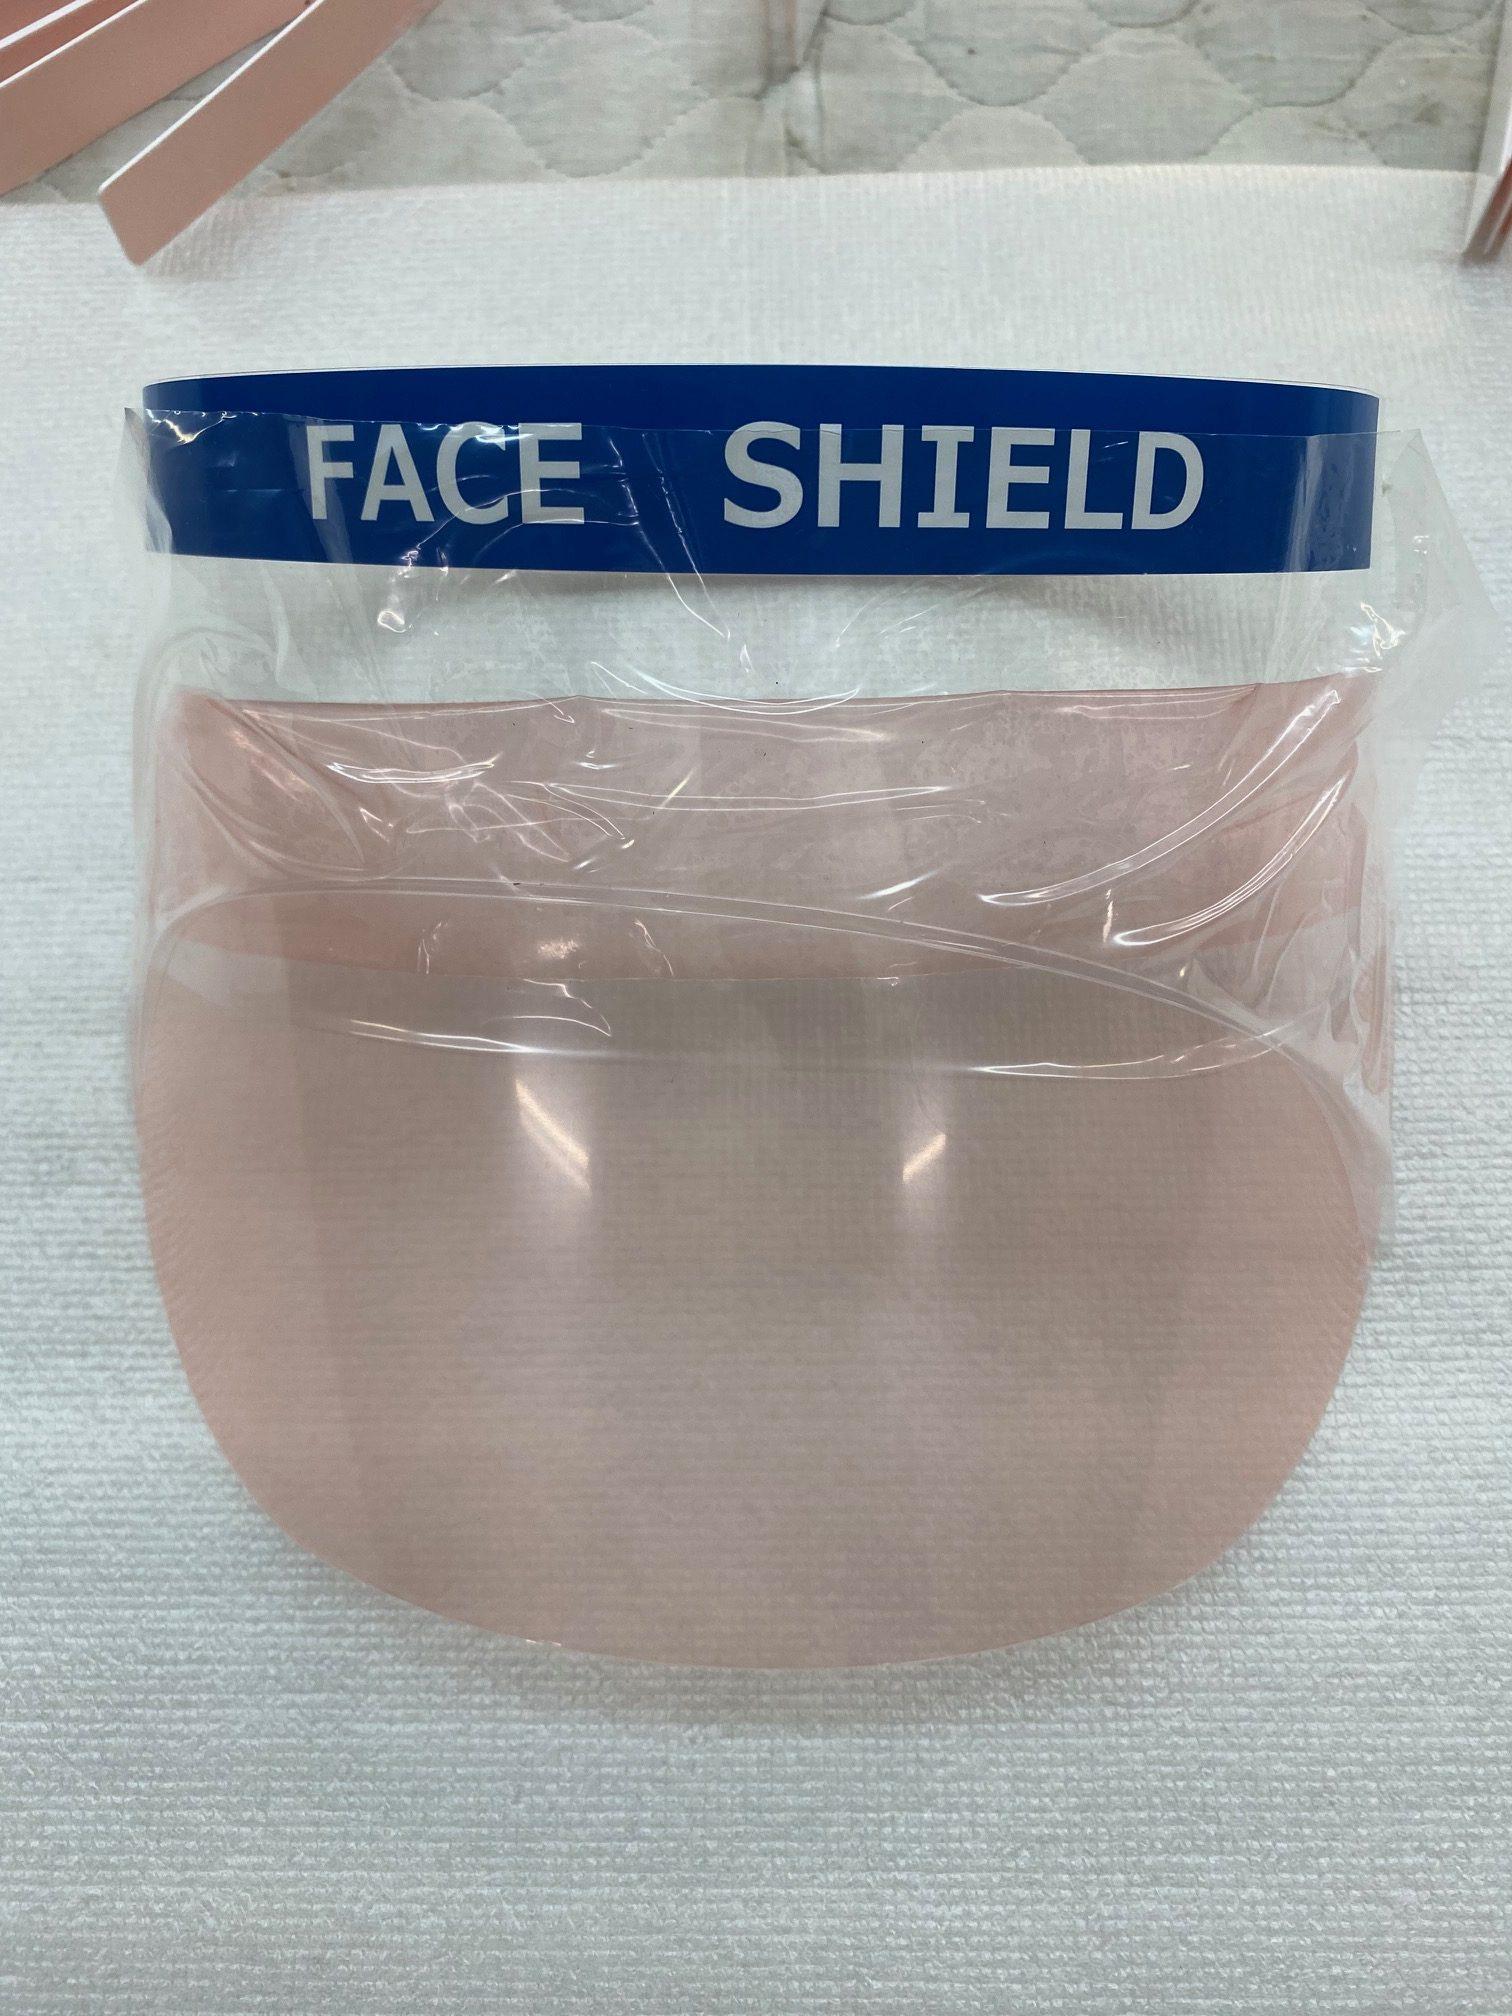 新型コロナウイルス感染拡大防止フェイスシールド生産始まりました